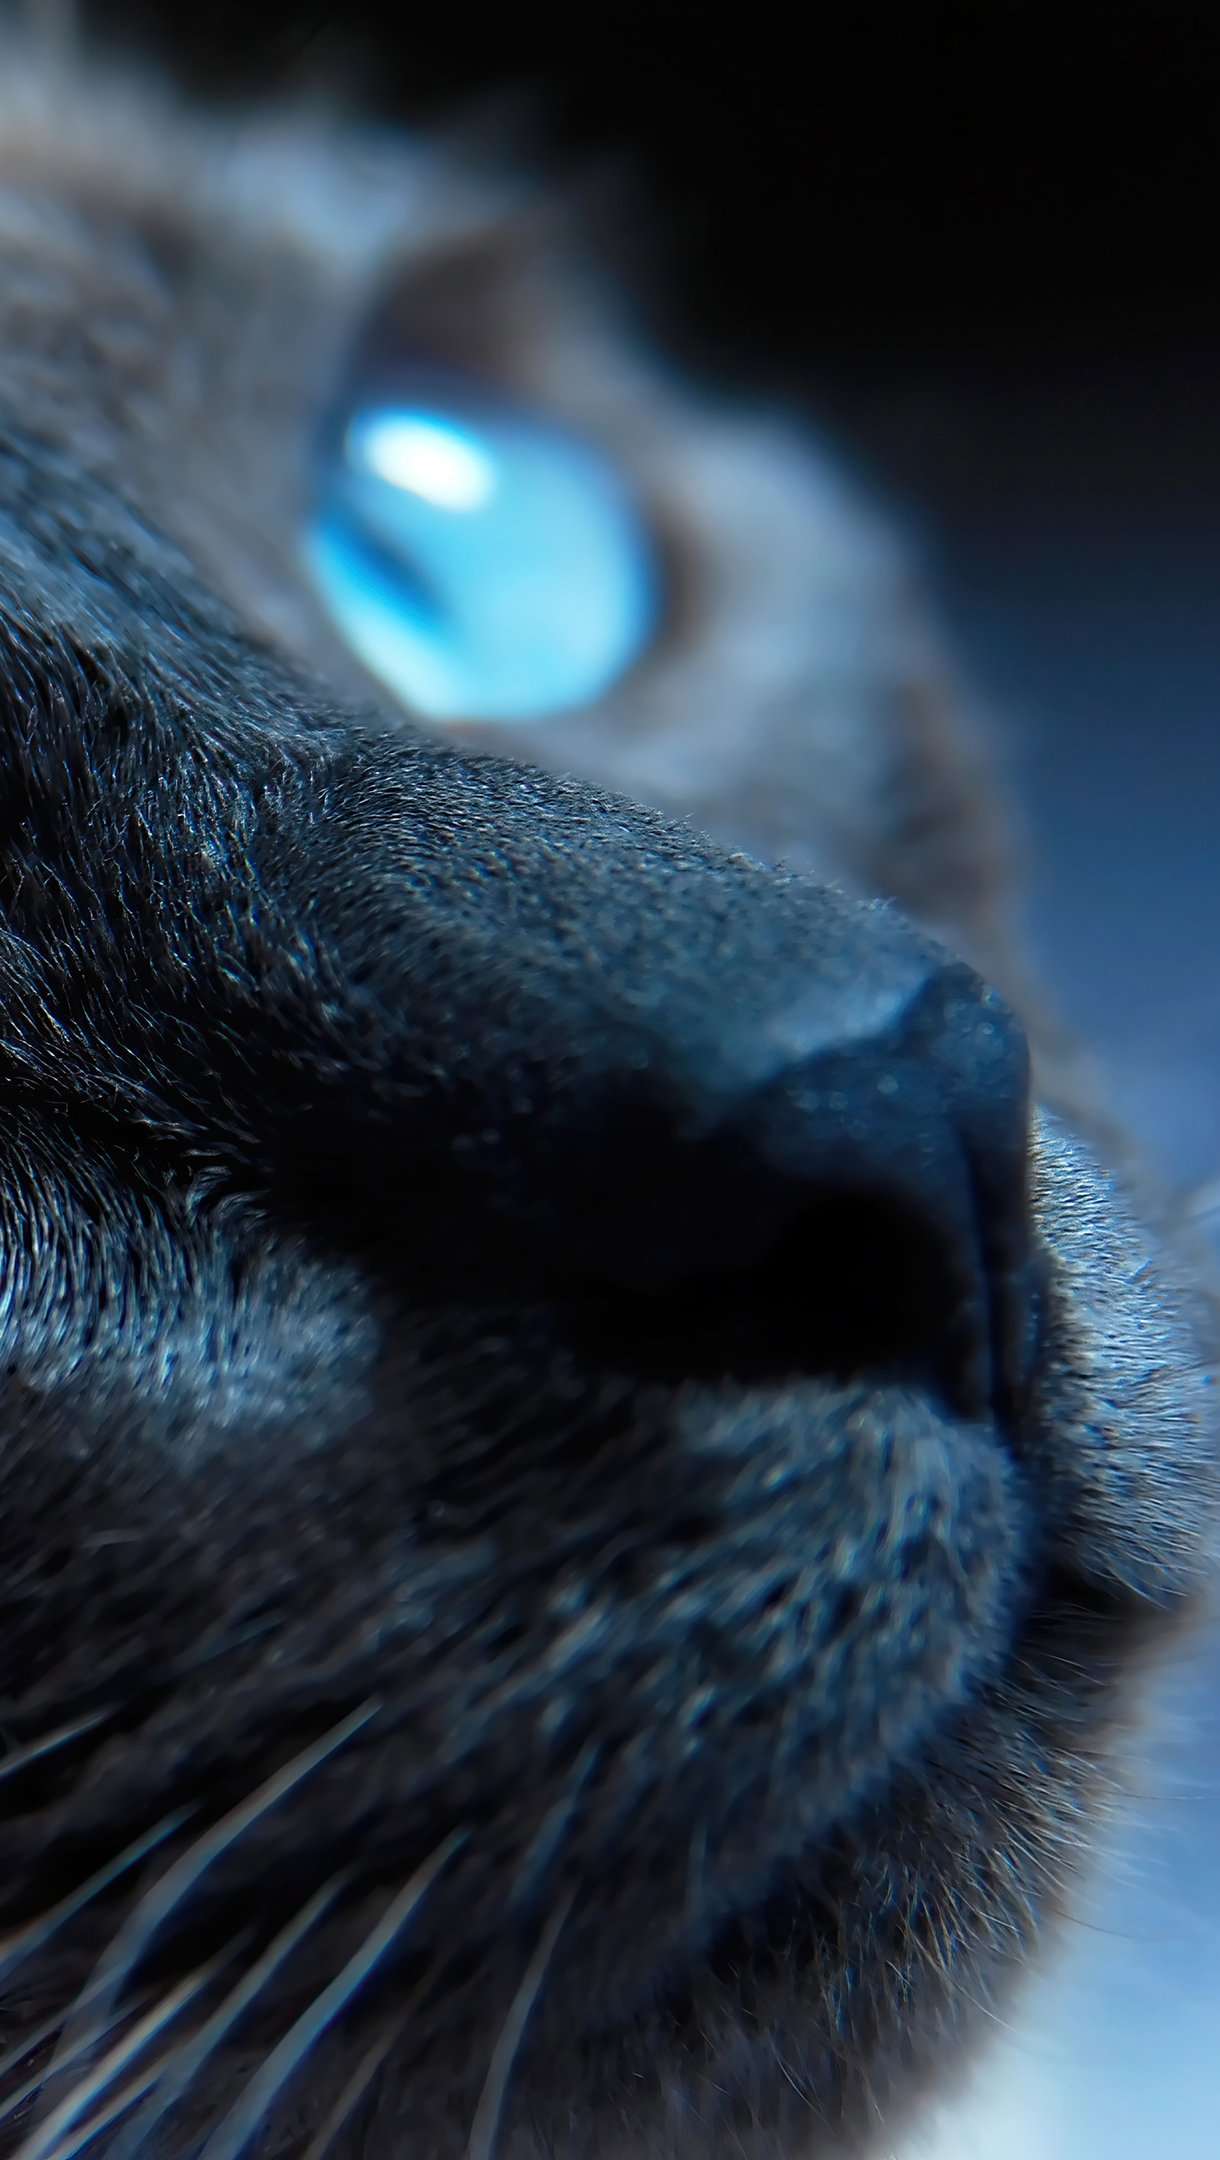 Fondos de pantalla Gato con ojos azules Vertical